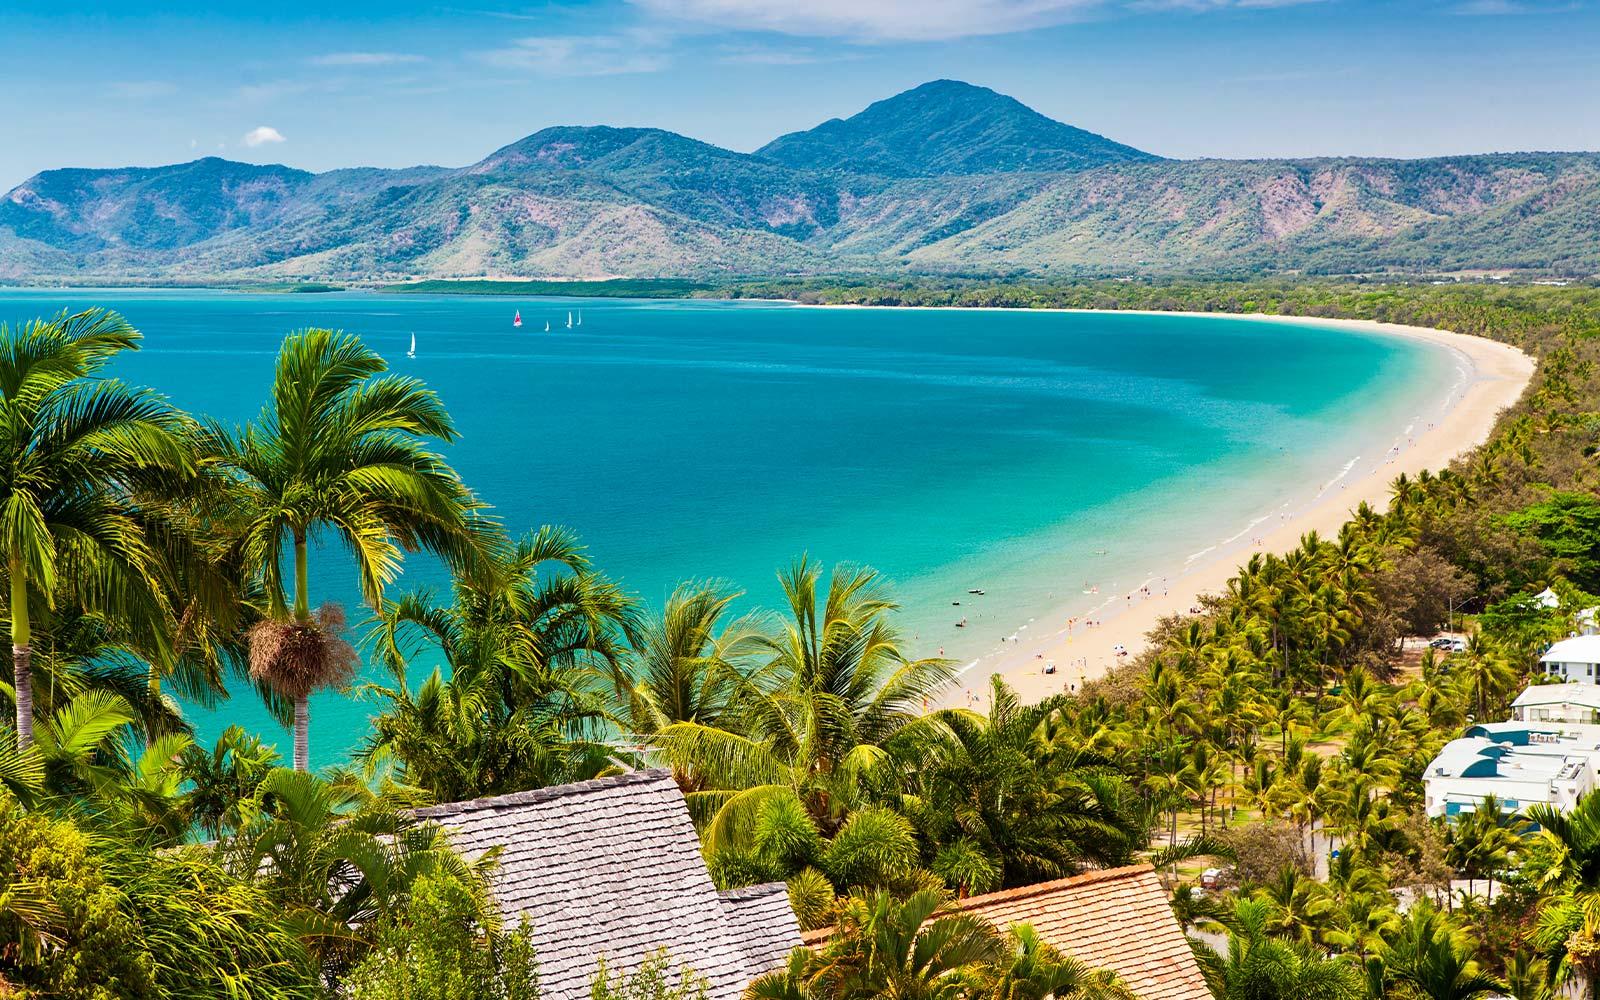 plage avec des montagnes derrière et des palmiers